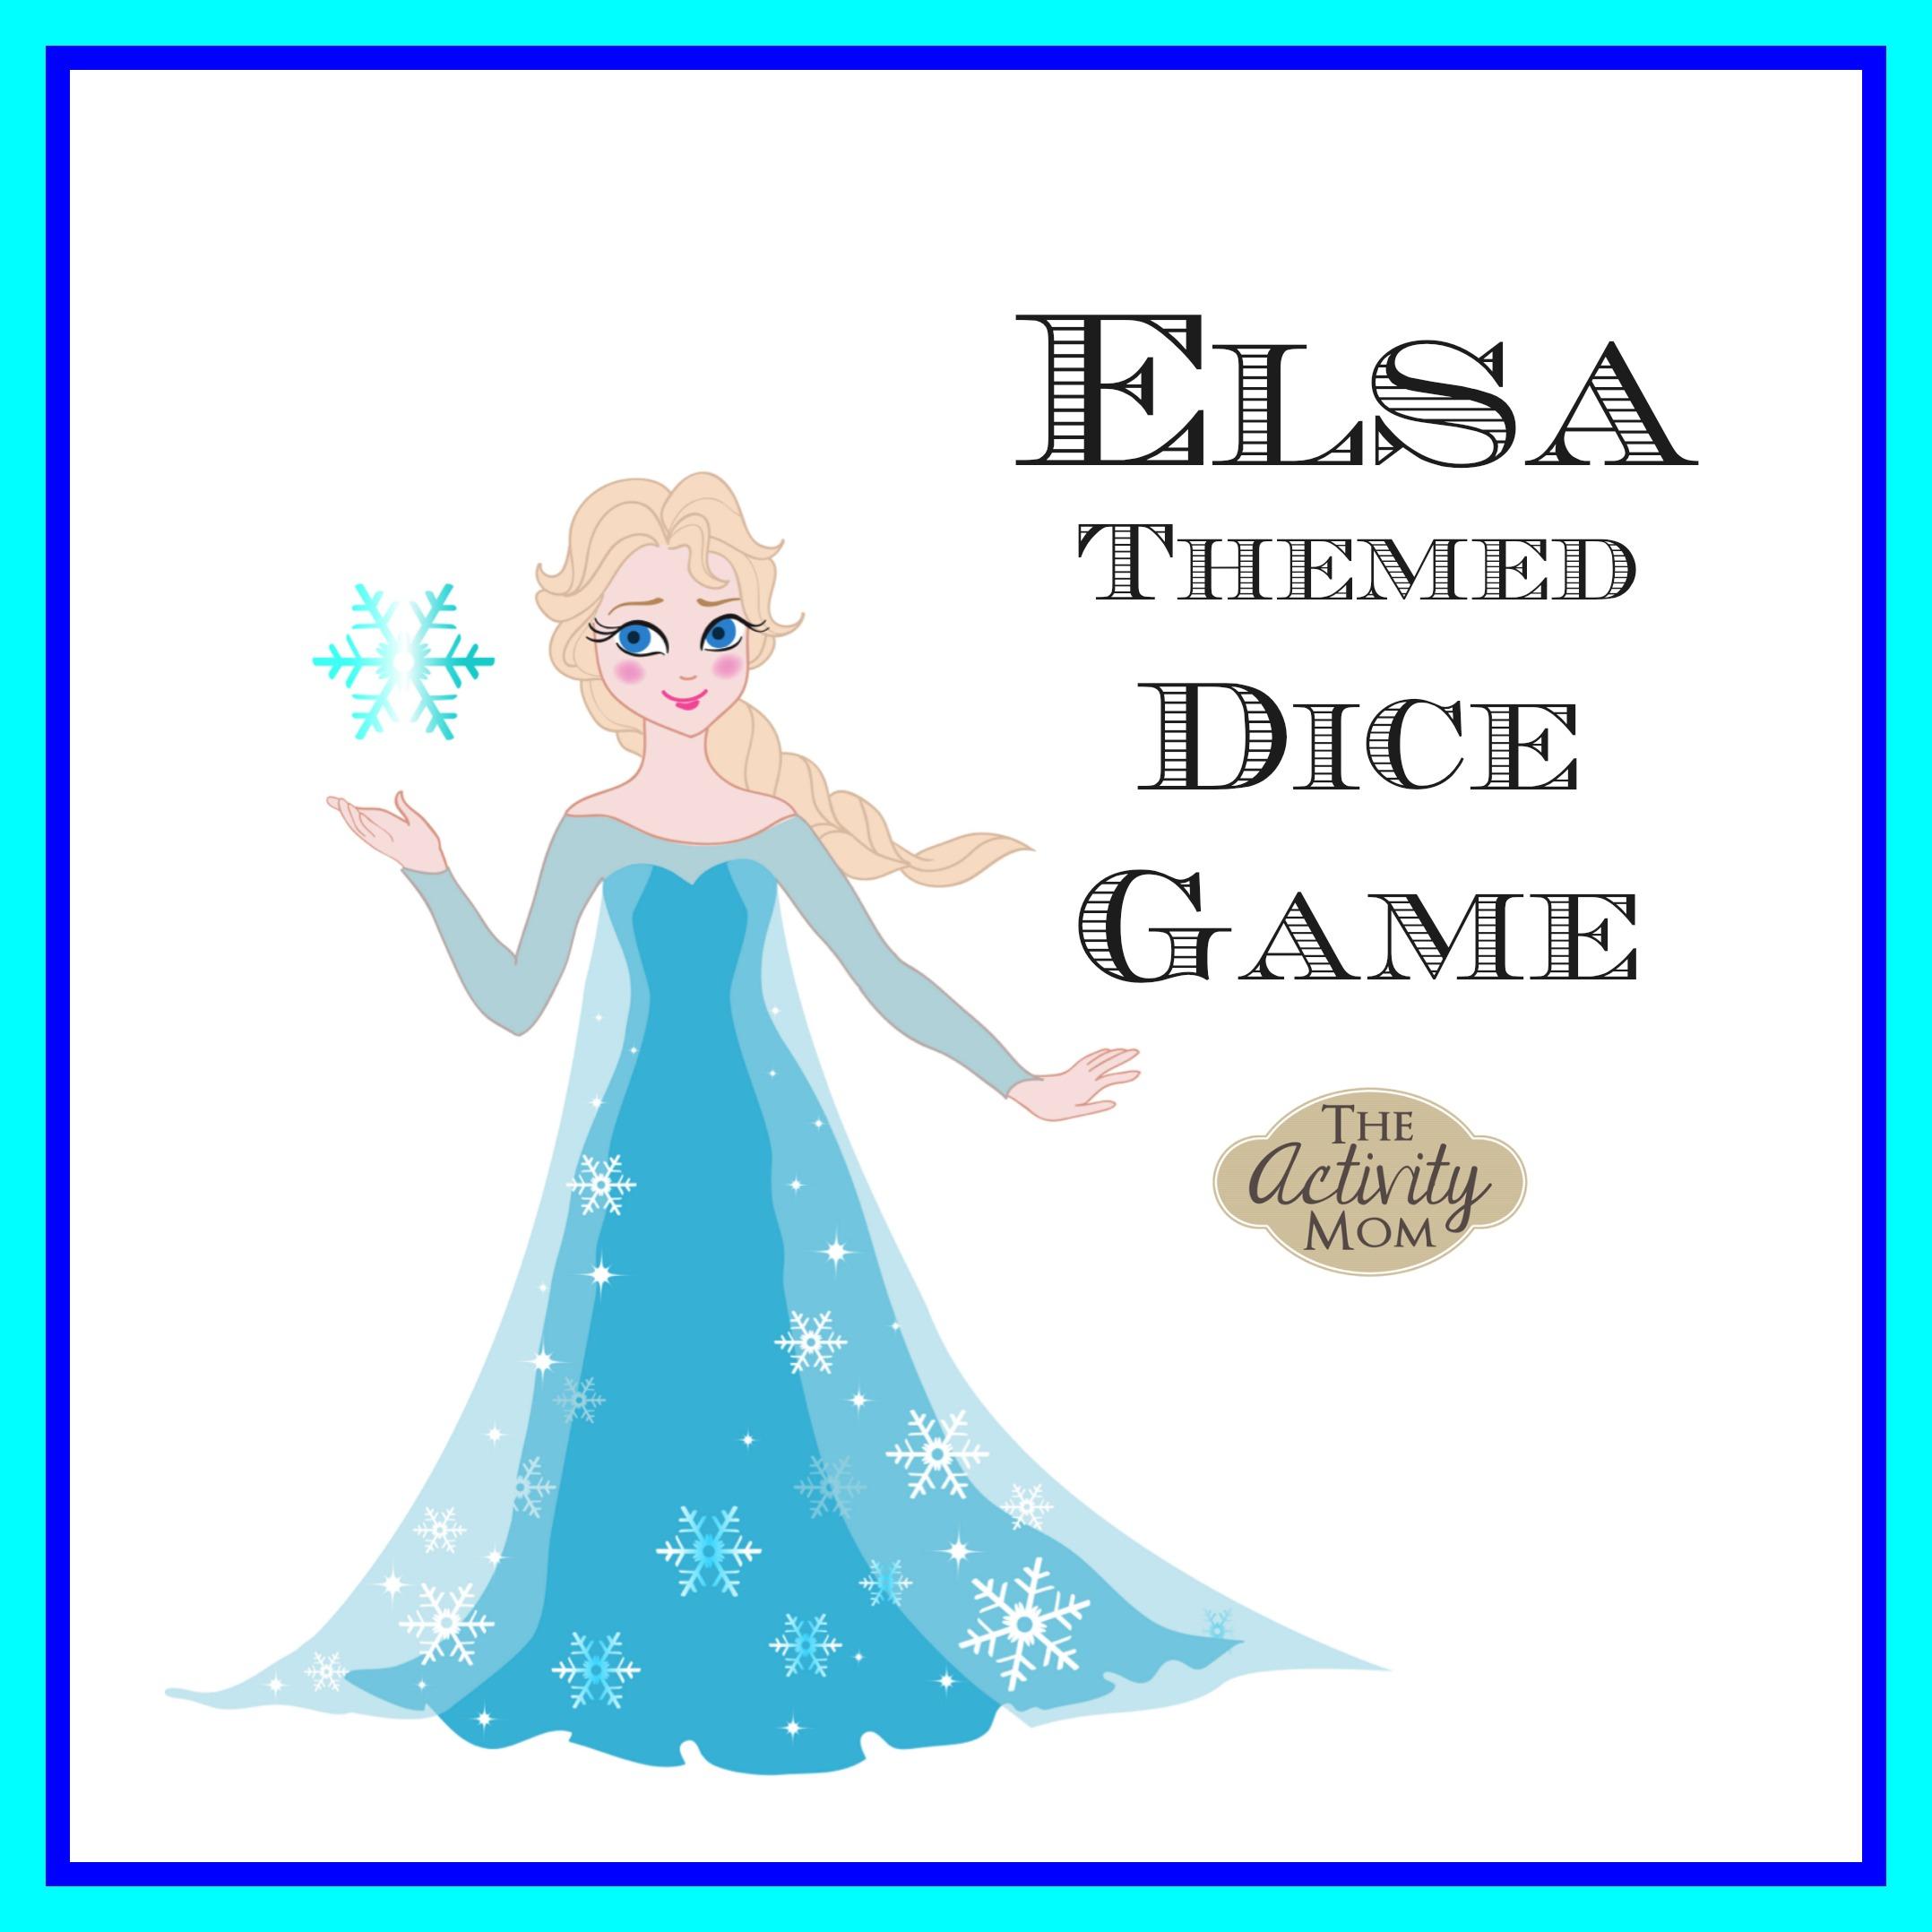 Elsa Dice Game